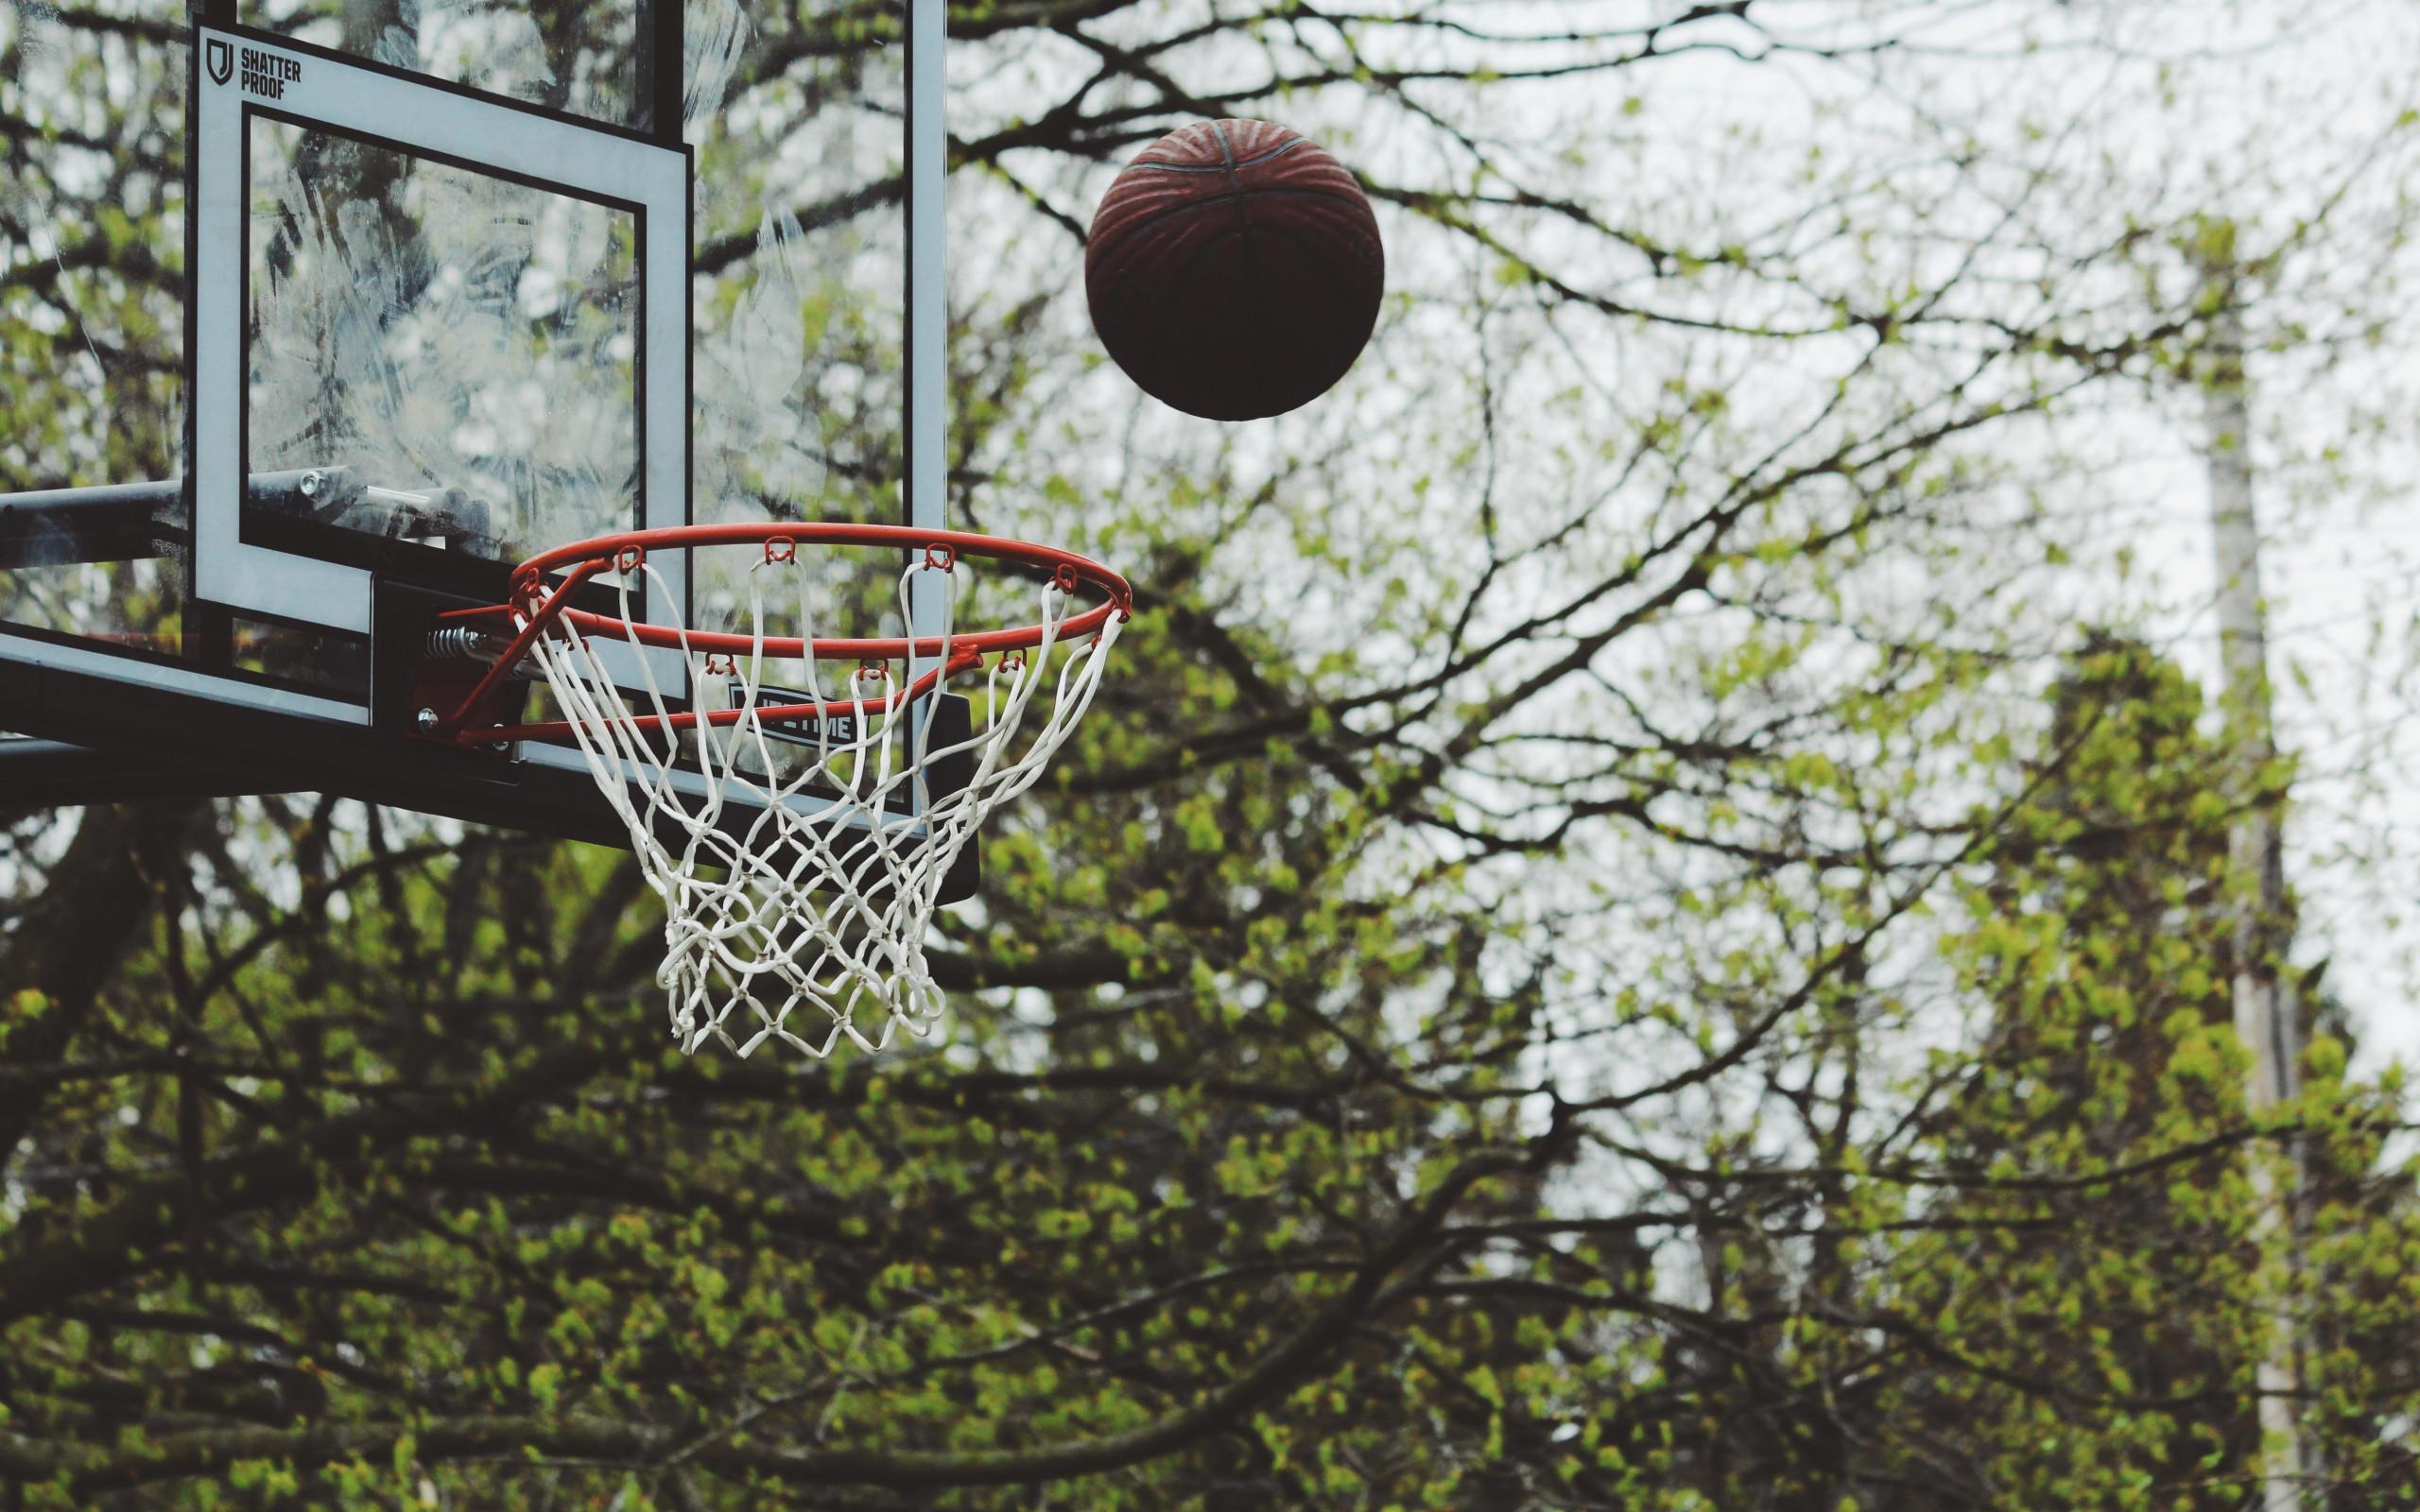 Hình ảnh bóng rổ đẹp, thơ mộng